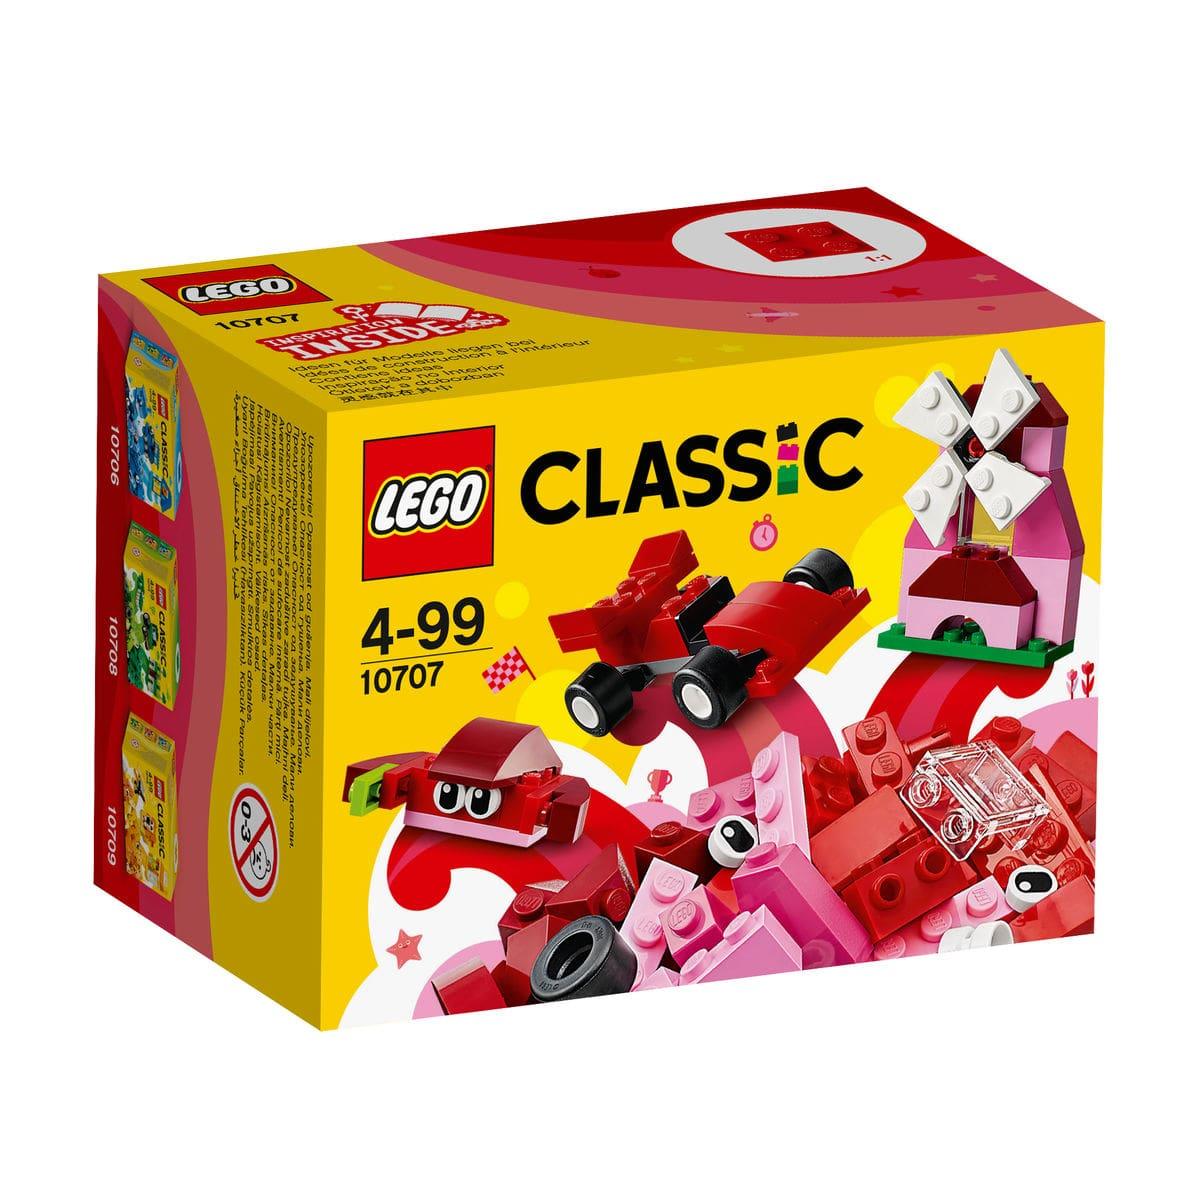 LEGO Classic Scatola della Creatività Rossa 10707